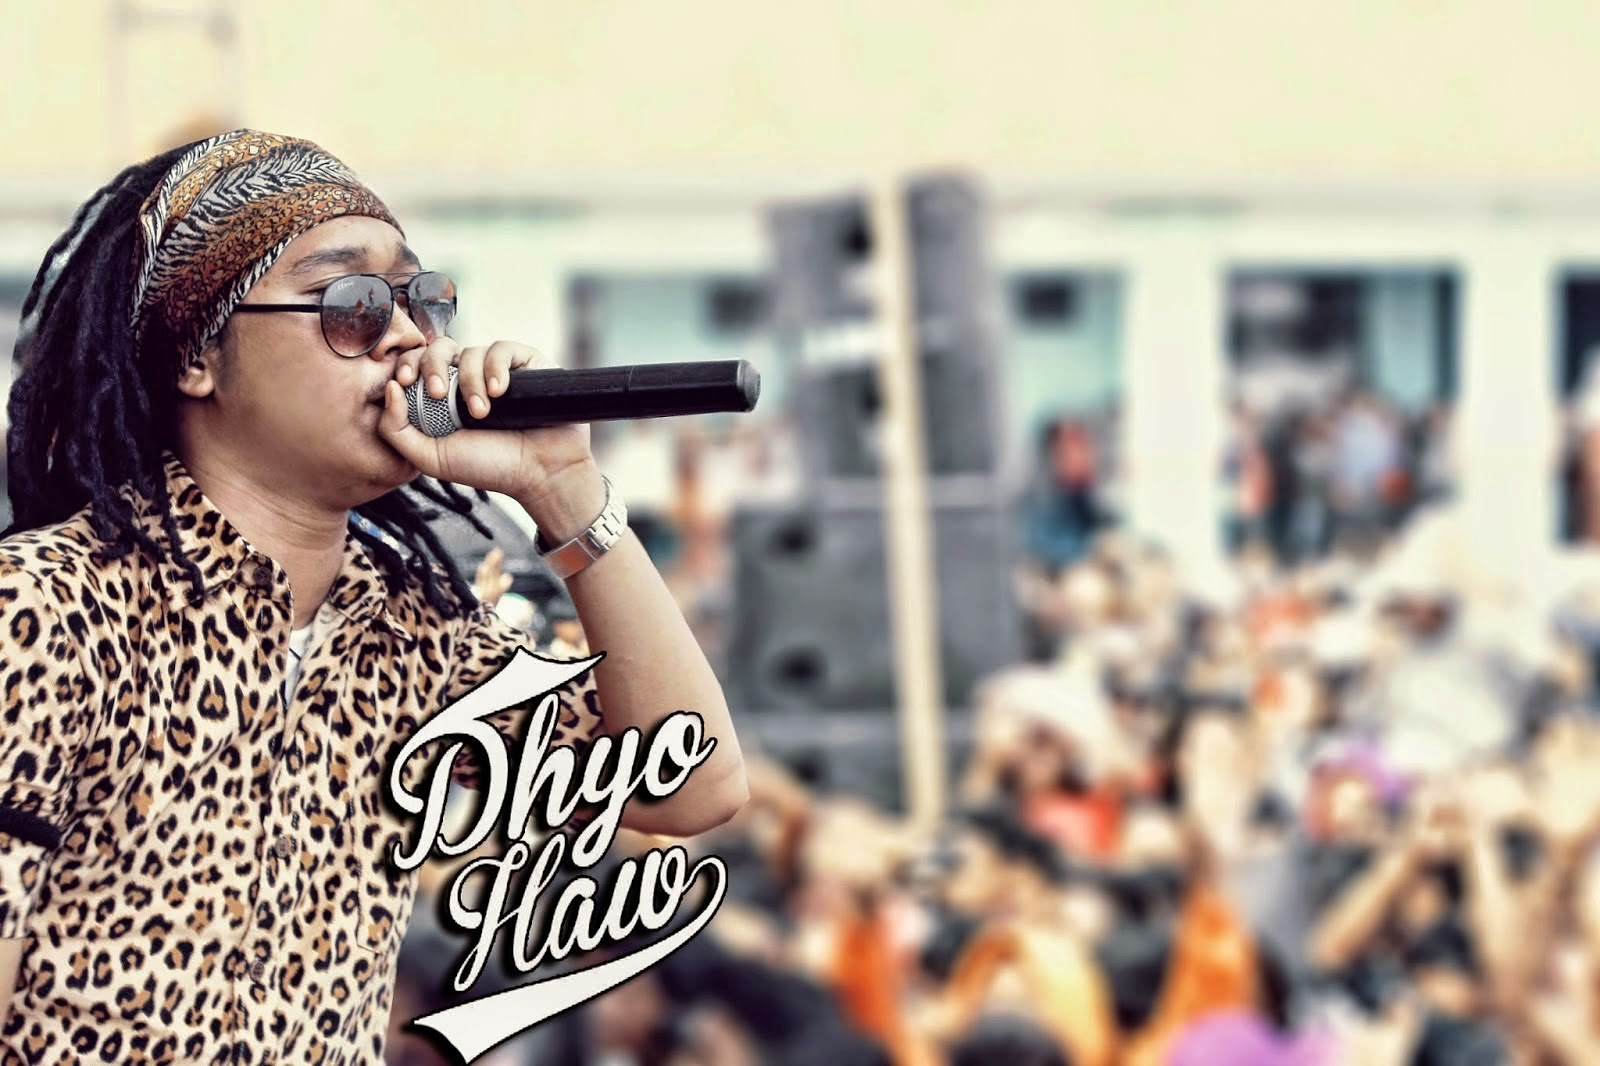 Cari Lagu Reggae Dhyo Haw Full Album Lengkap